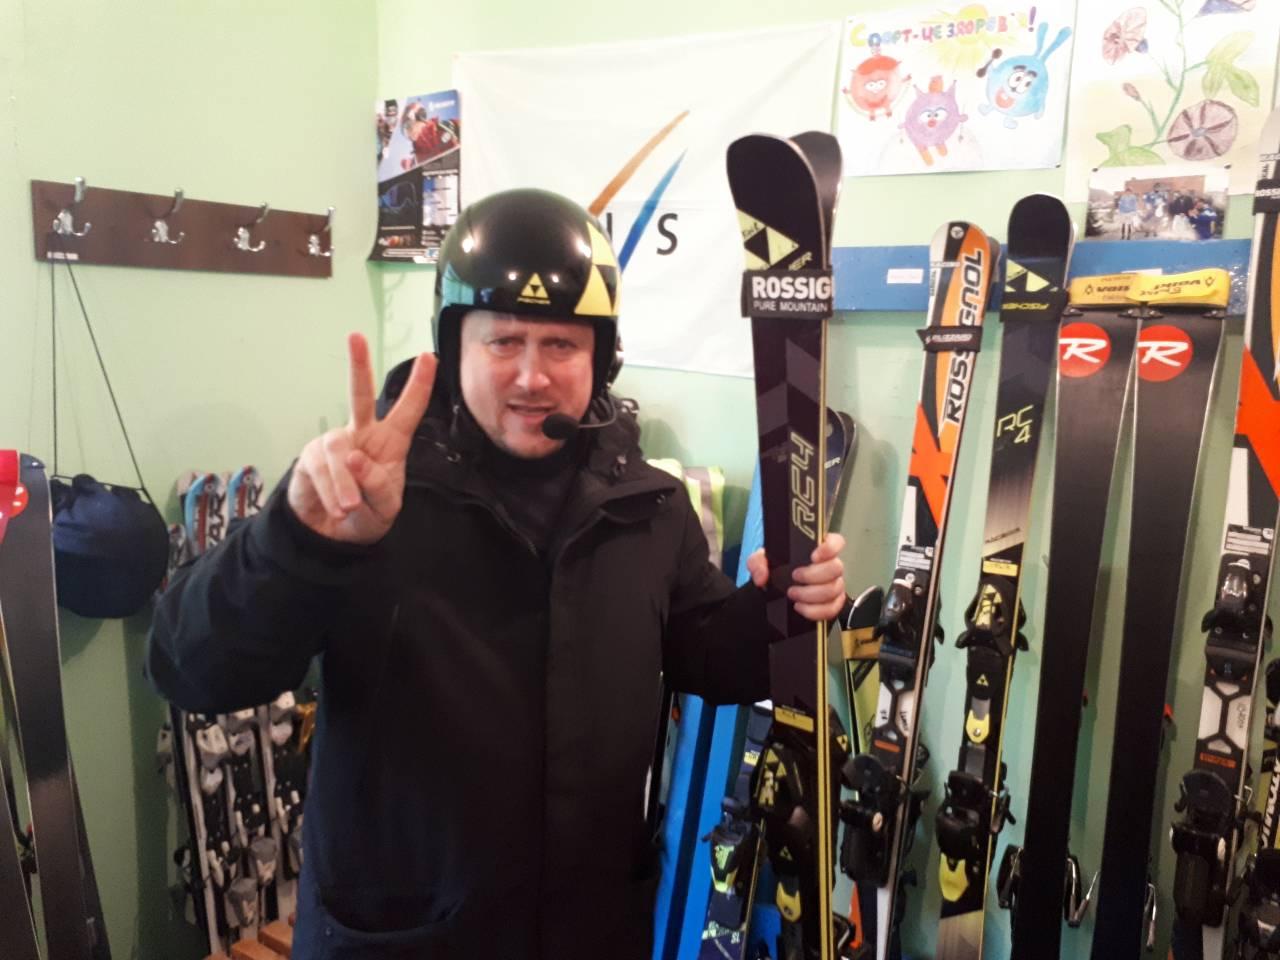 Сергій Каплін залучив 1,5 мільйони на ремонт гірськолижної бази для молоді під Полтавою